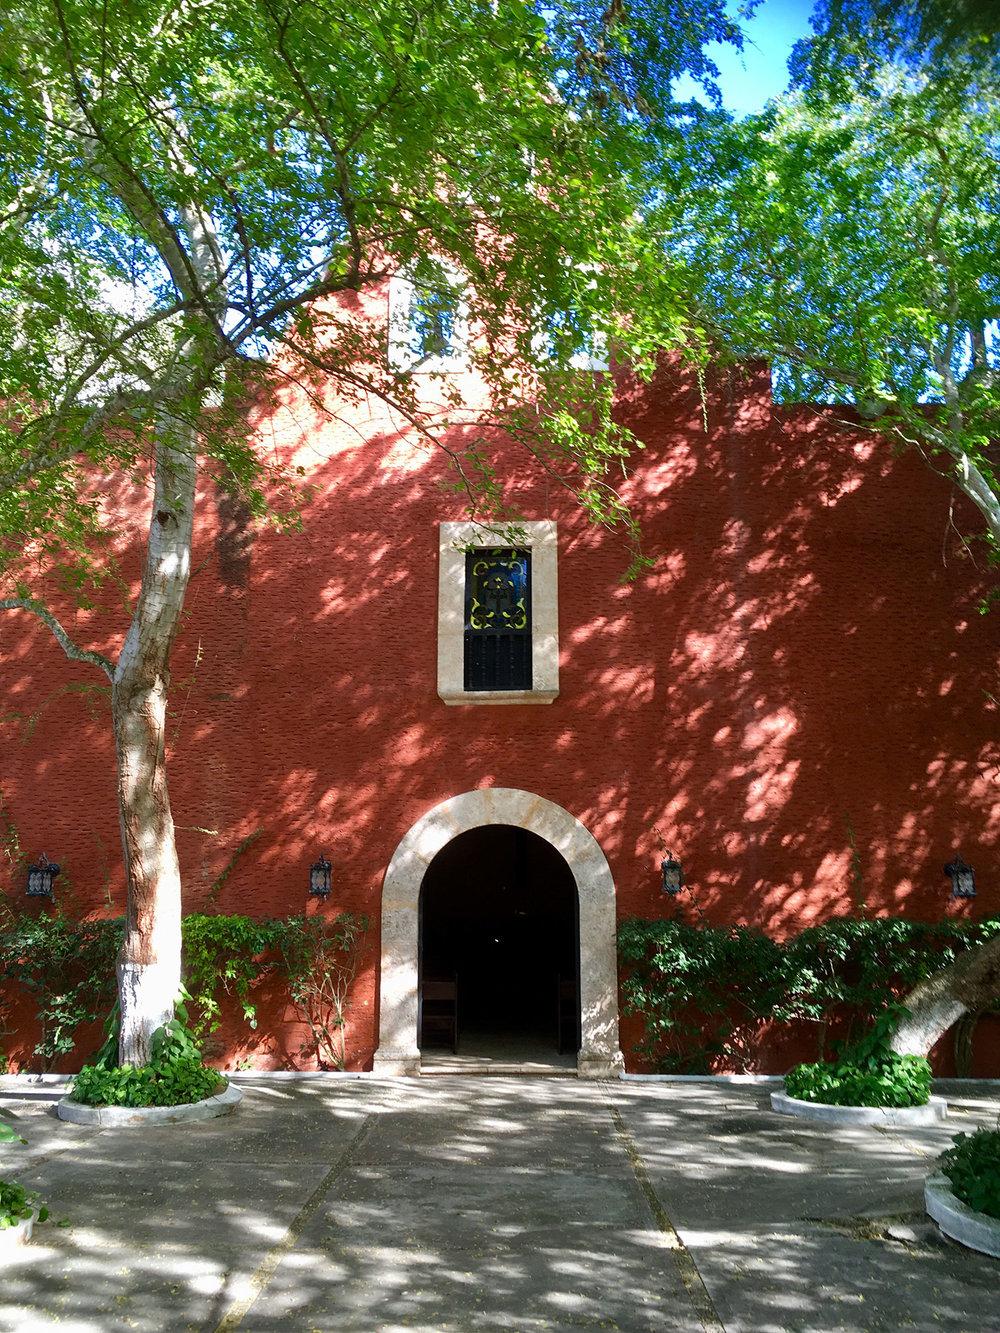 Hammocks_and_Ruins_Blog_Riviera_Maya_Mexico_Travel_Discover_Yucatan_What_to_do_Merida_Haciendas_Teya_5.jpg